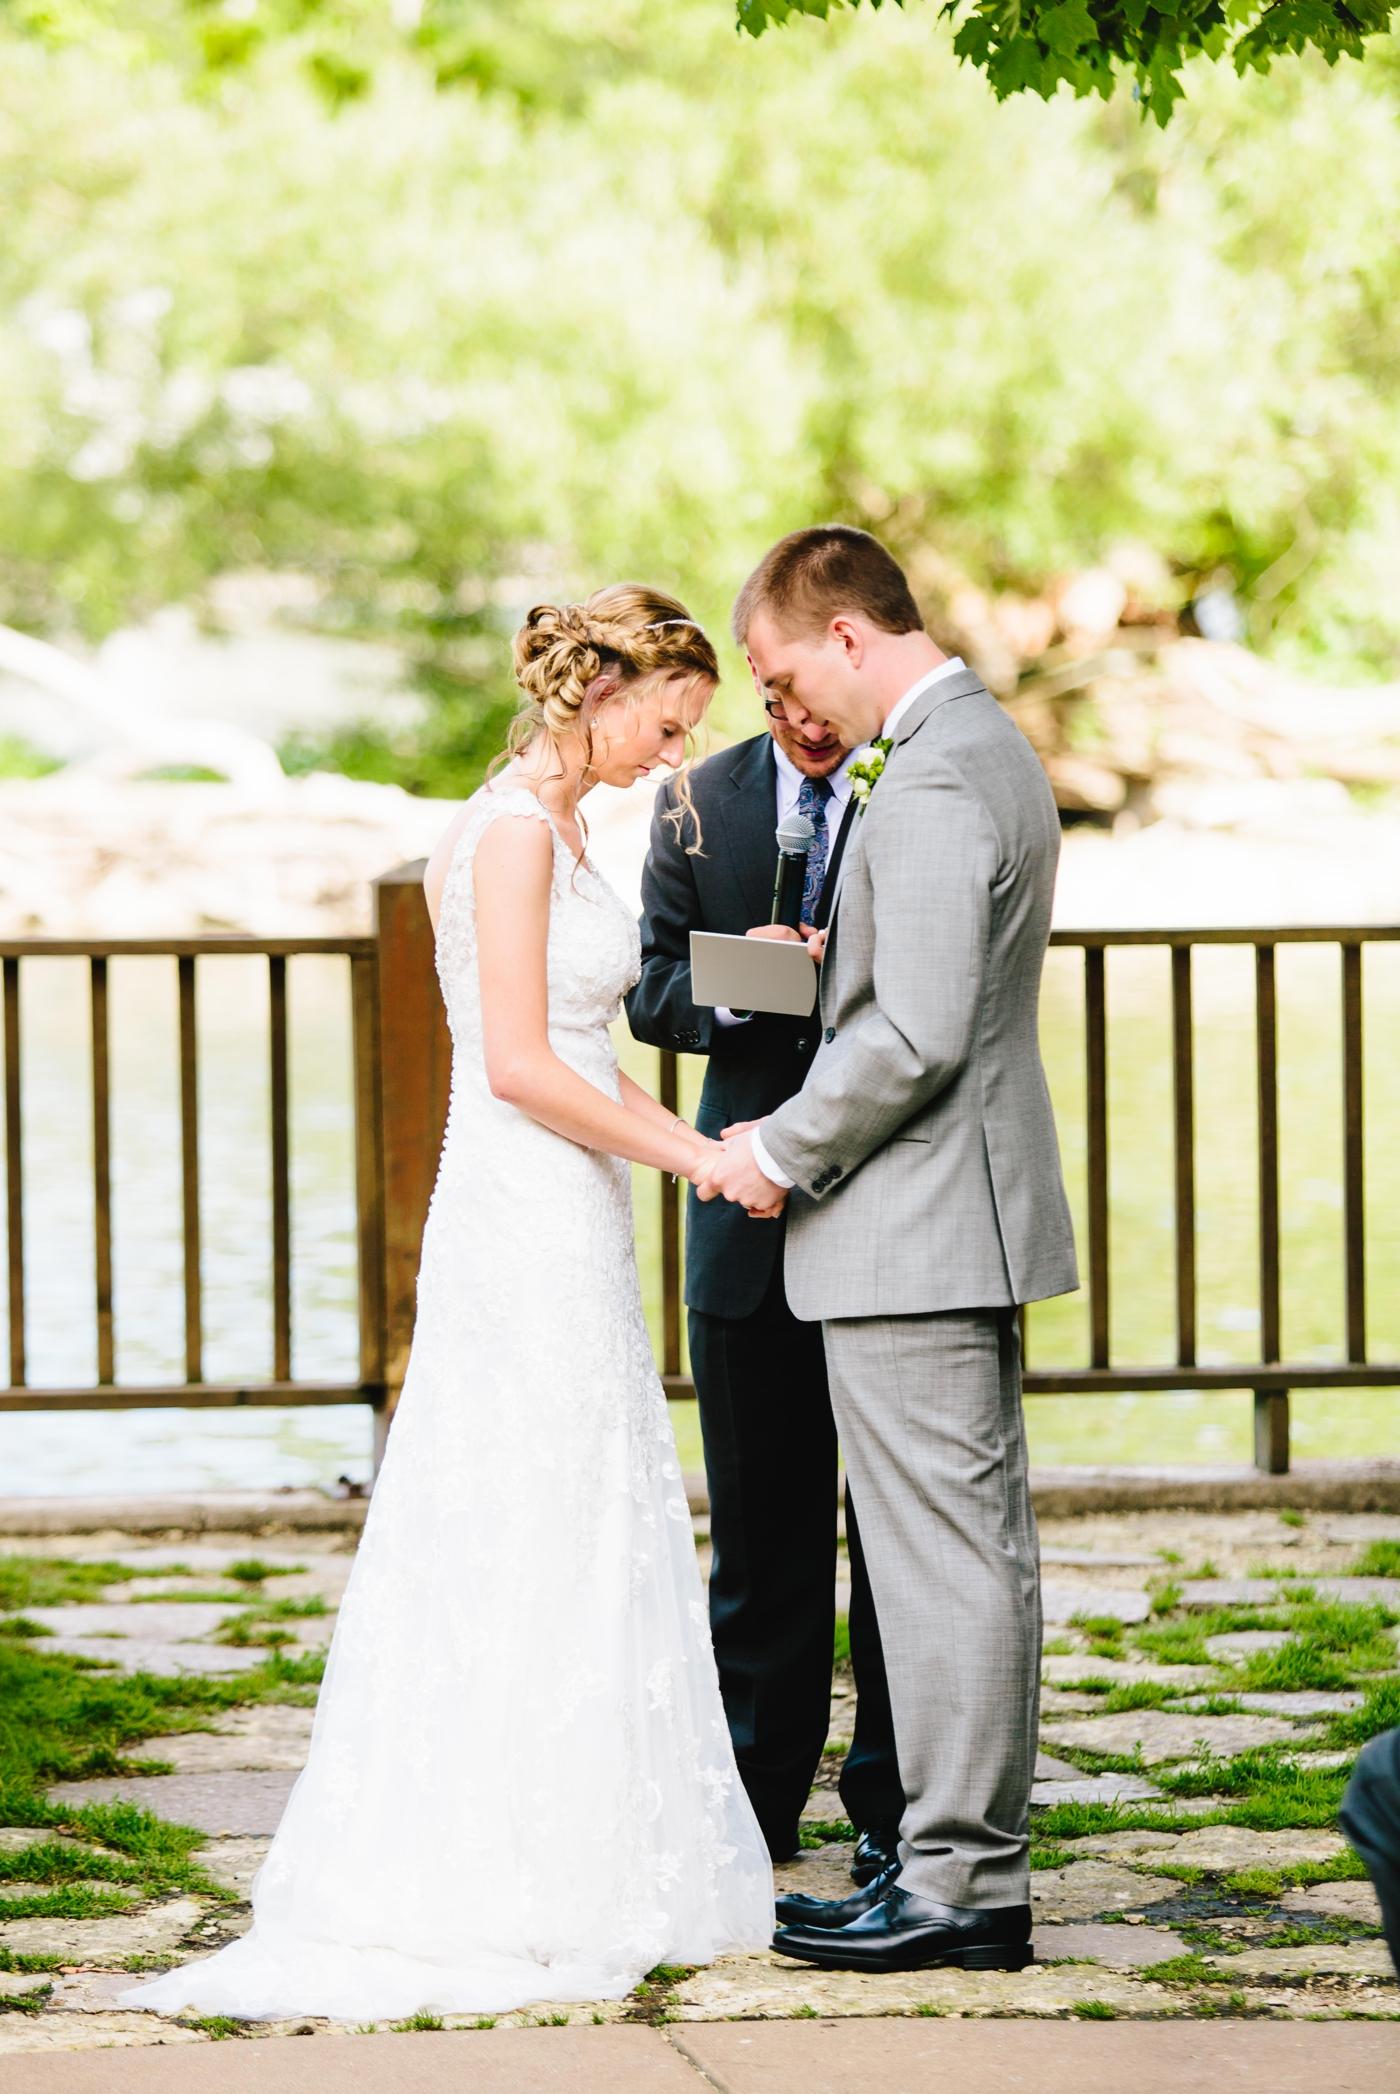 chicago-fine-art-wedding-photography-stewart26